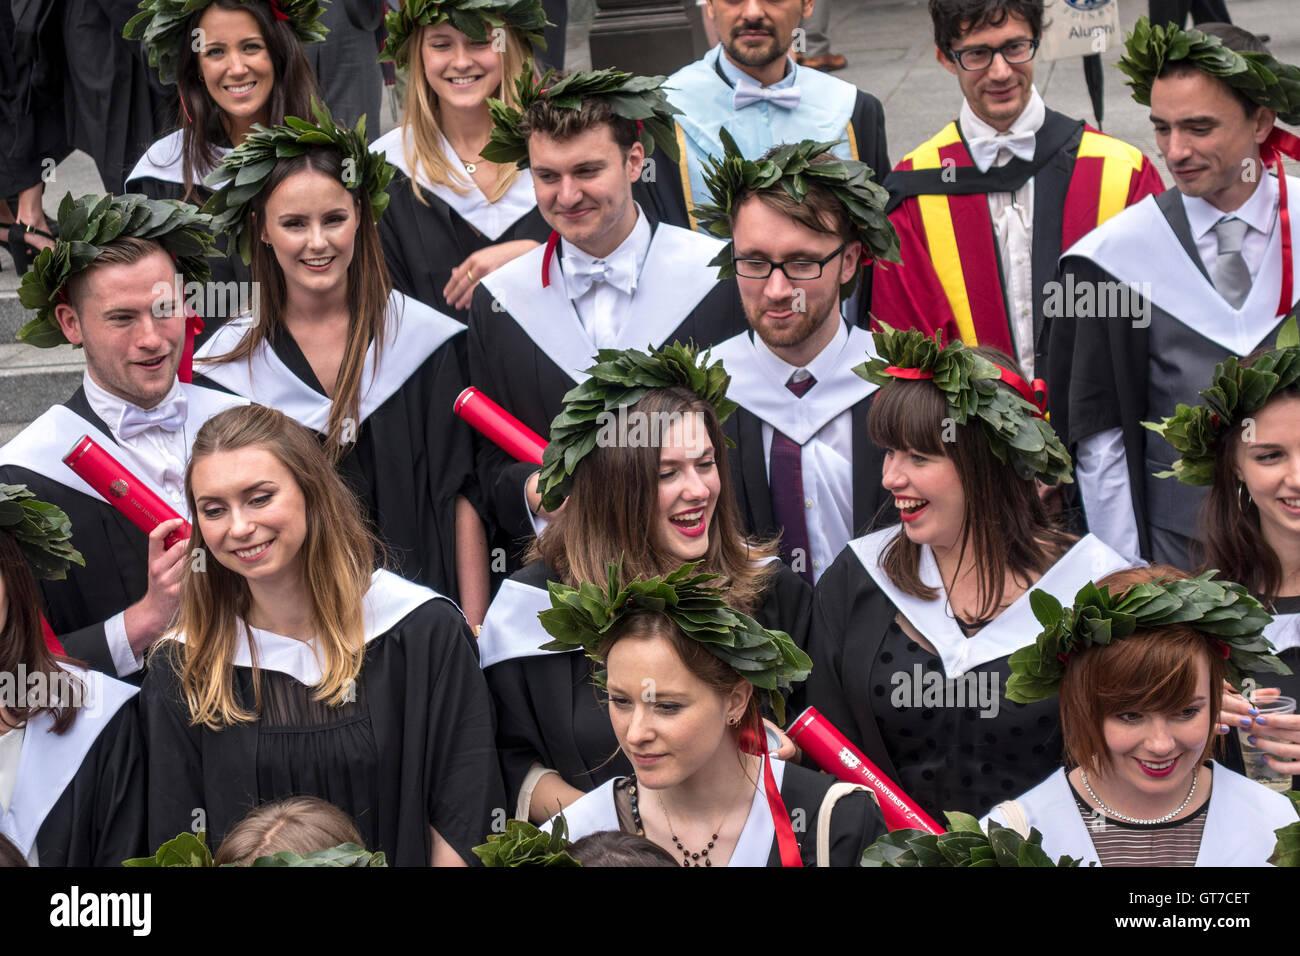 Università di Edimburgo il giorno di graduazione. Felice neodiplomati indossando le corone di alloro. Foto Stock